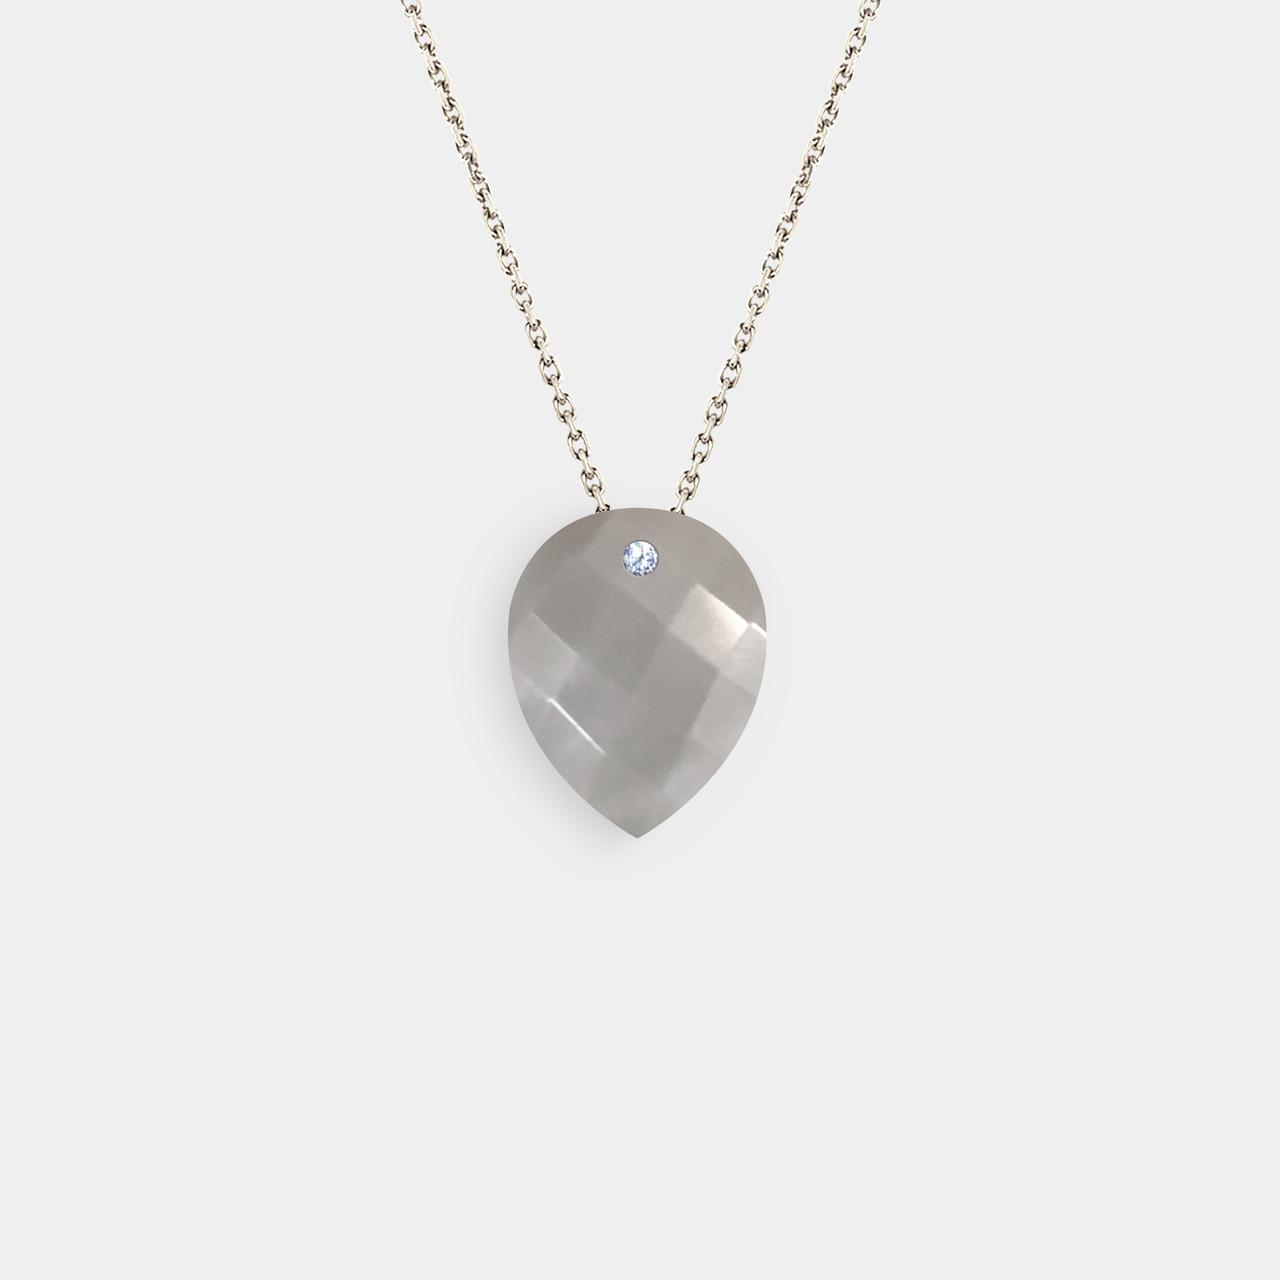 Collier 1 Diamant Pierre de Lune Grise, Collier Femme Or Pierre de Lune Grise